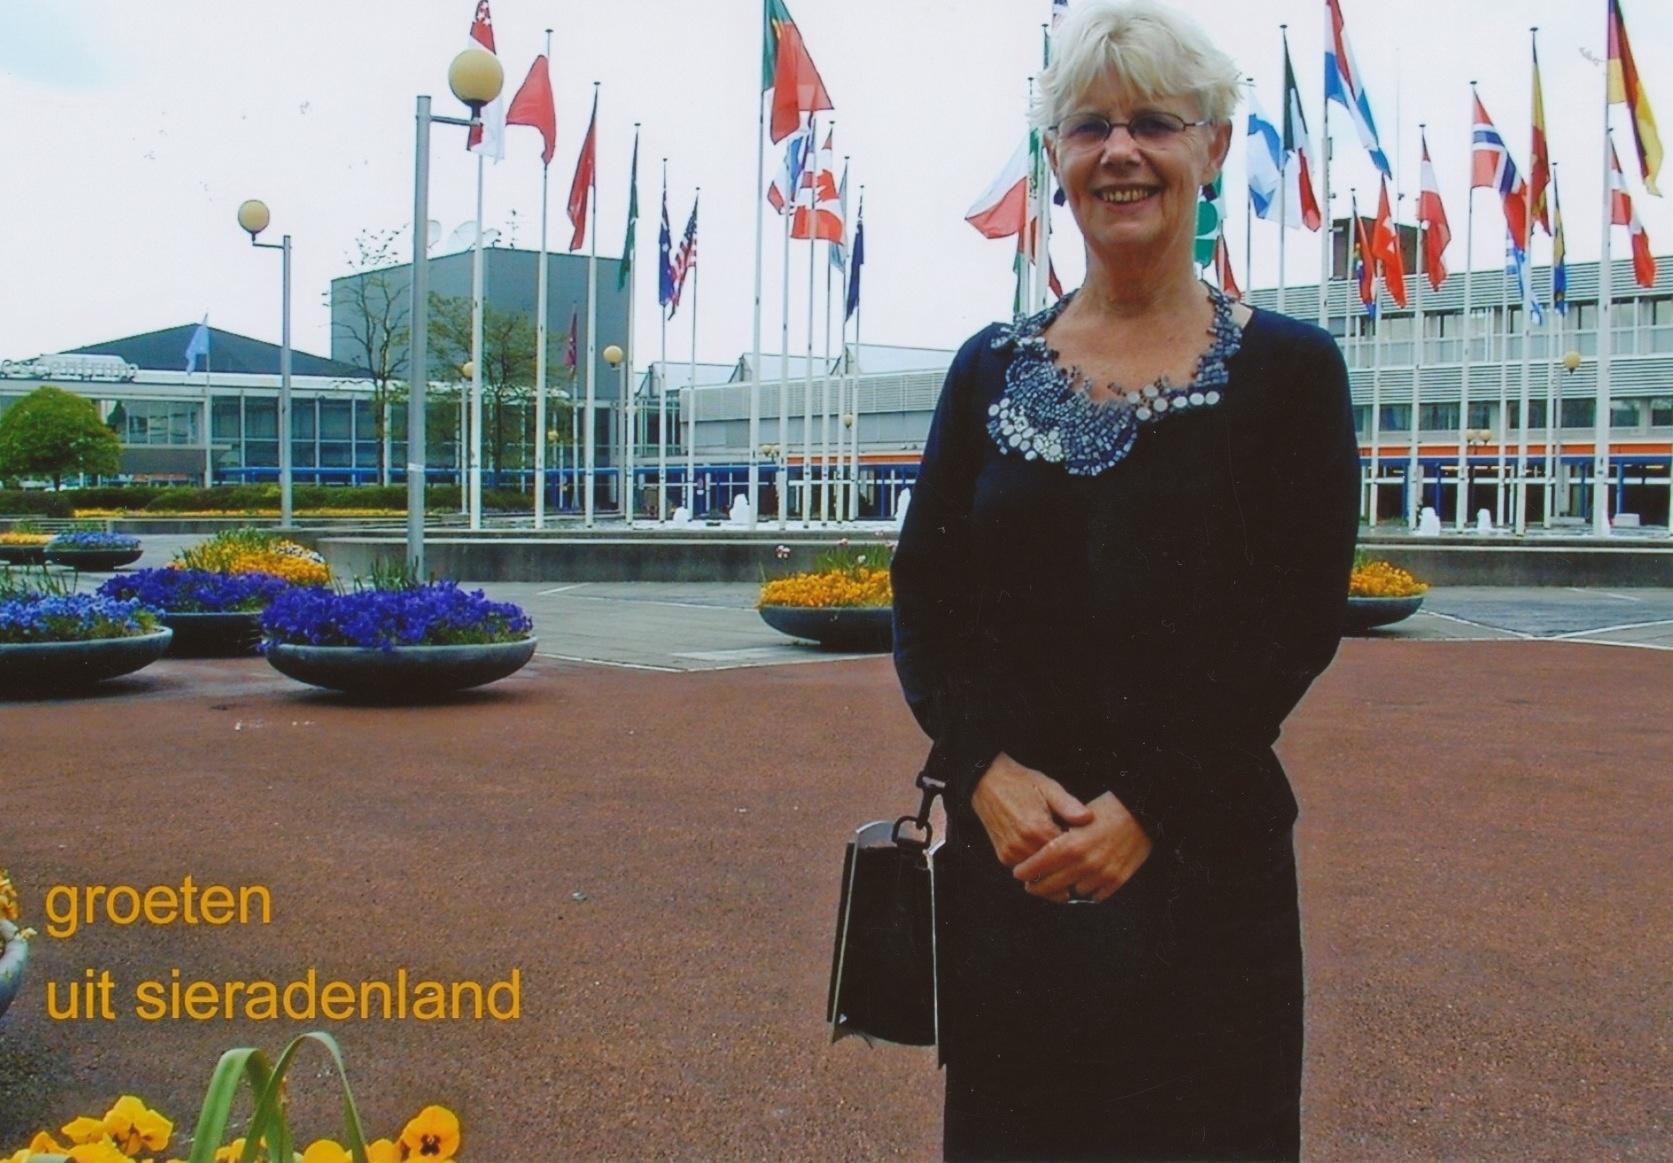 Claartje Keur, Zelfportret met halssieraad van Laura Braspenning, Amsterdam, RAI, 2004. Foto Claartje Keur